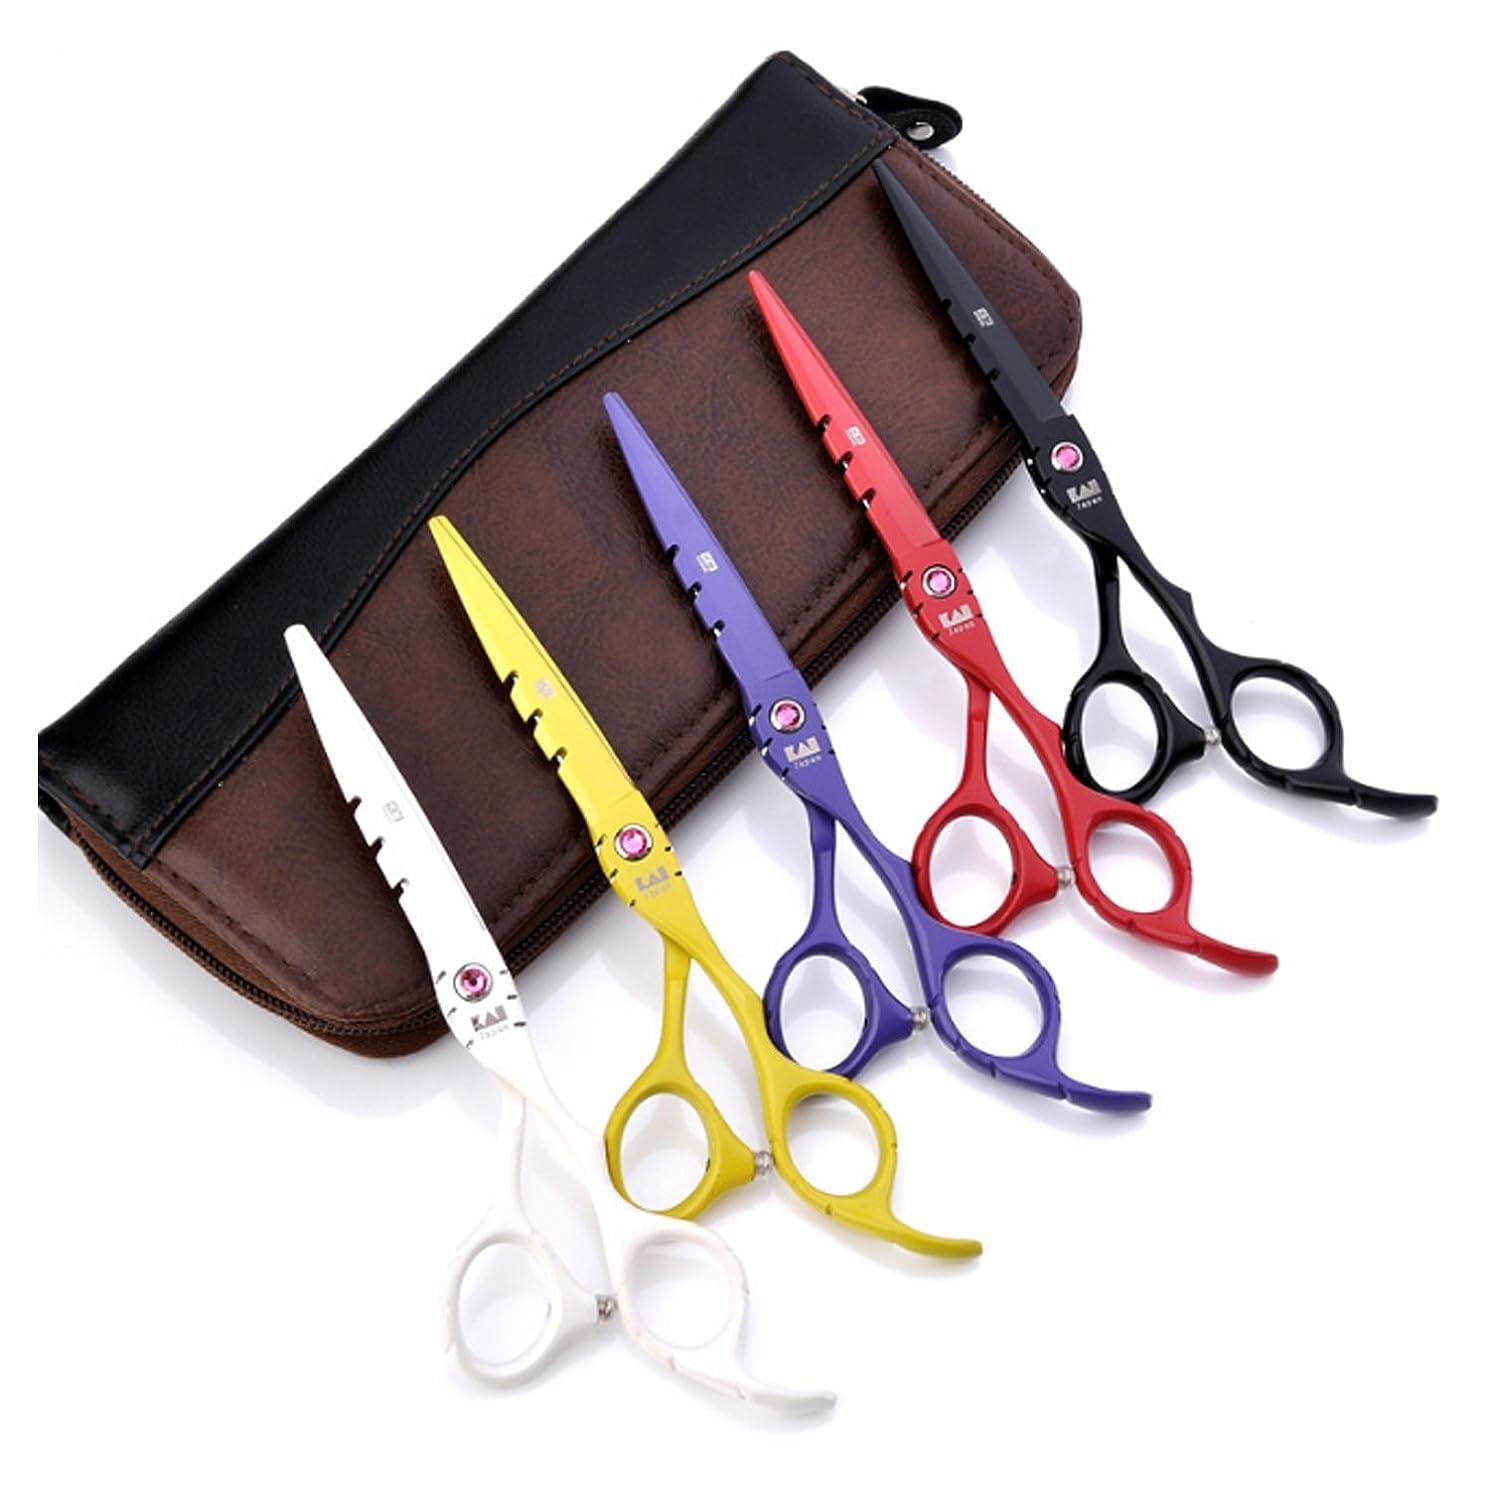 連帯略す共感するヘアはさみ 6インチヘアドライサーはさみ 理髪美容はさみ 切断剪断および薄毛/テキスチャライジングヘアセット 剃刀シャープ 日本のステンレス スチールはさみ (Color : 6.0 Purple thinning scissors)